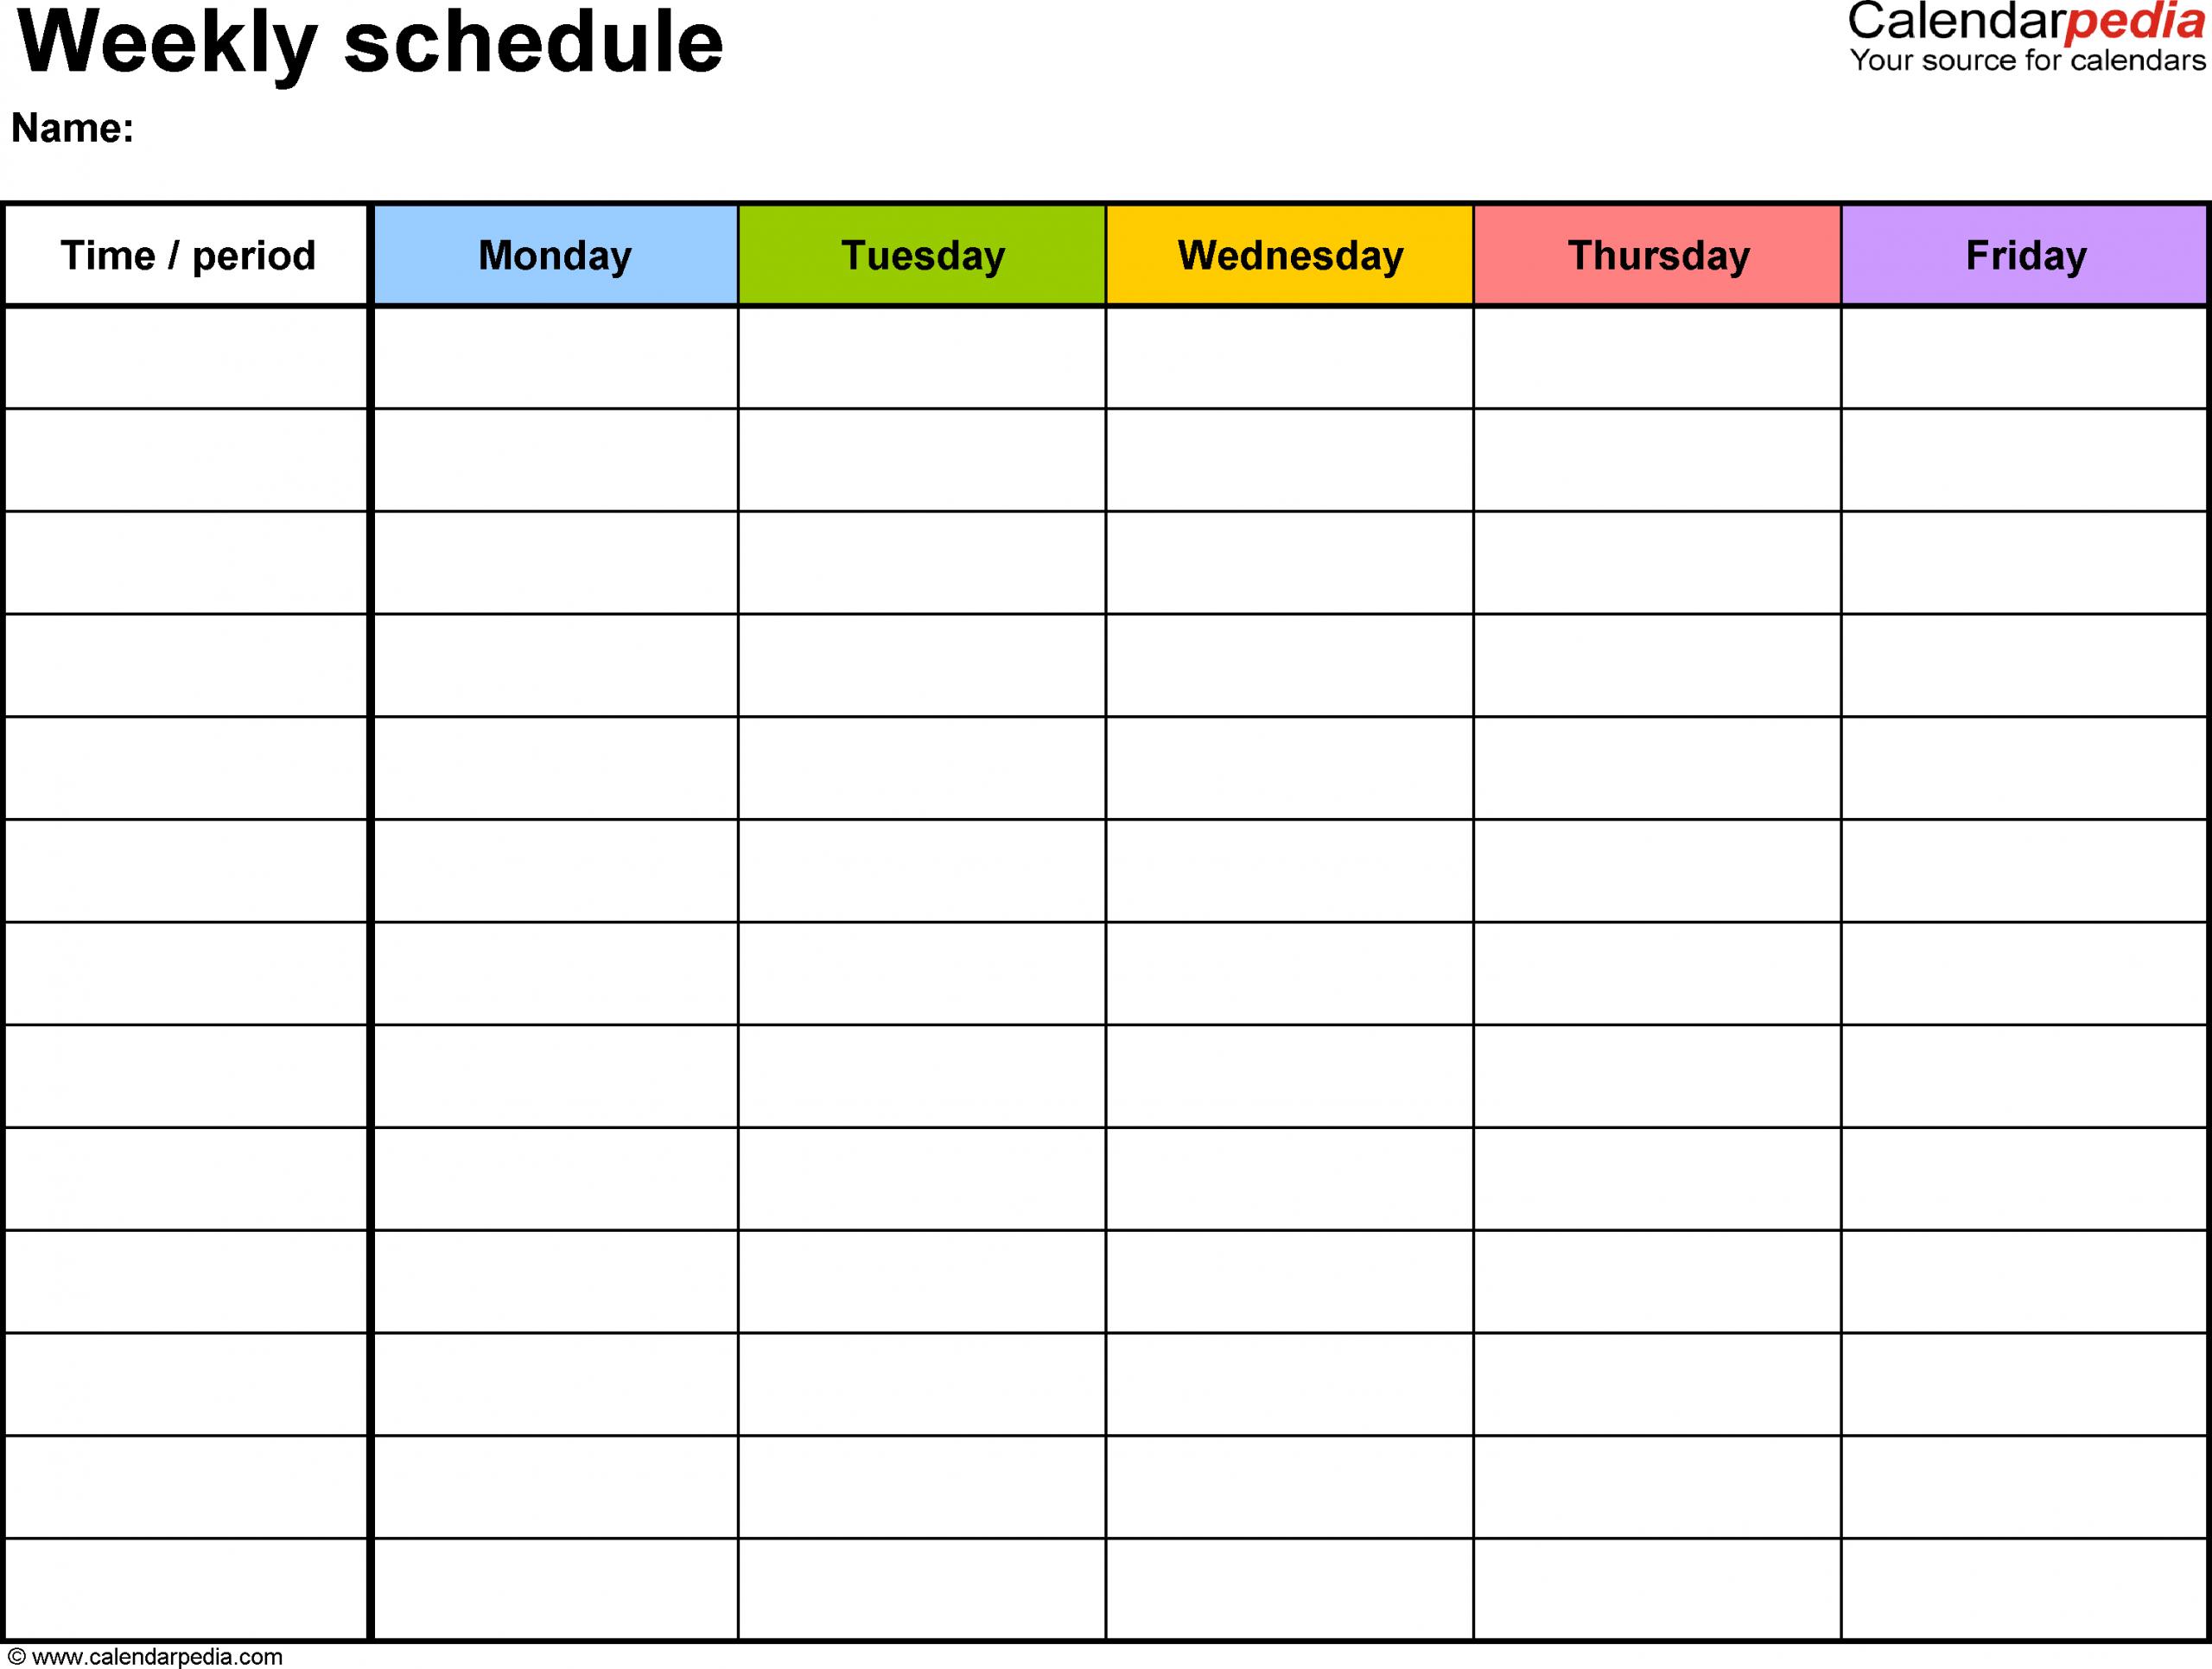 Free Printable Calendar Monday Through Friday | Calendar Monday-Friday Calandar With Lines Printable